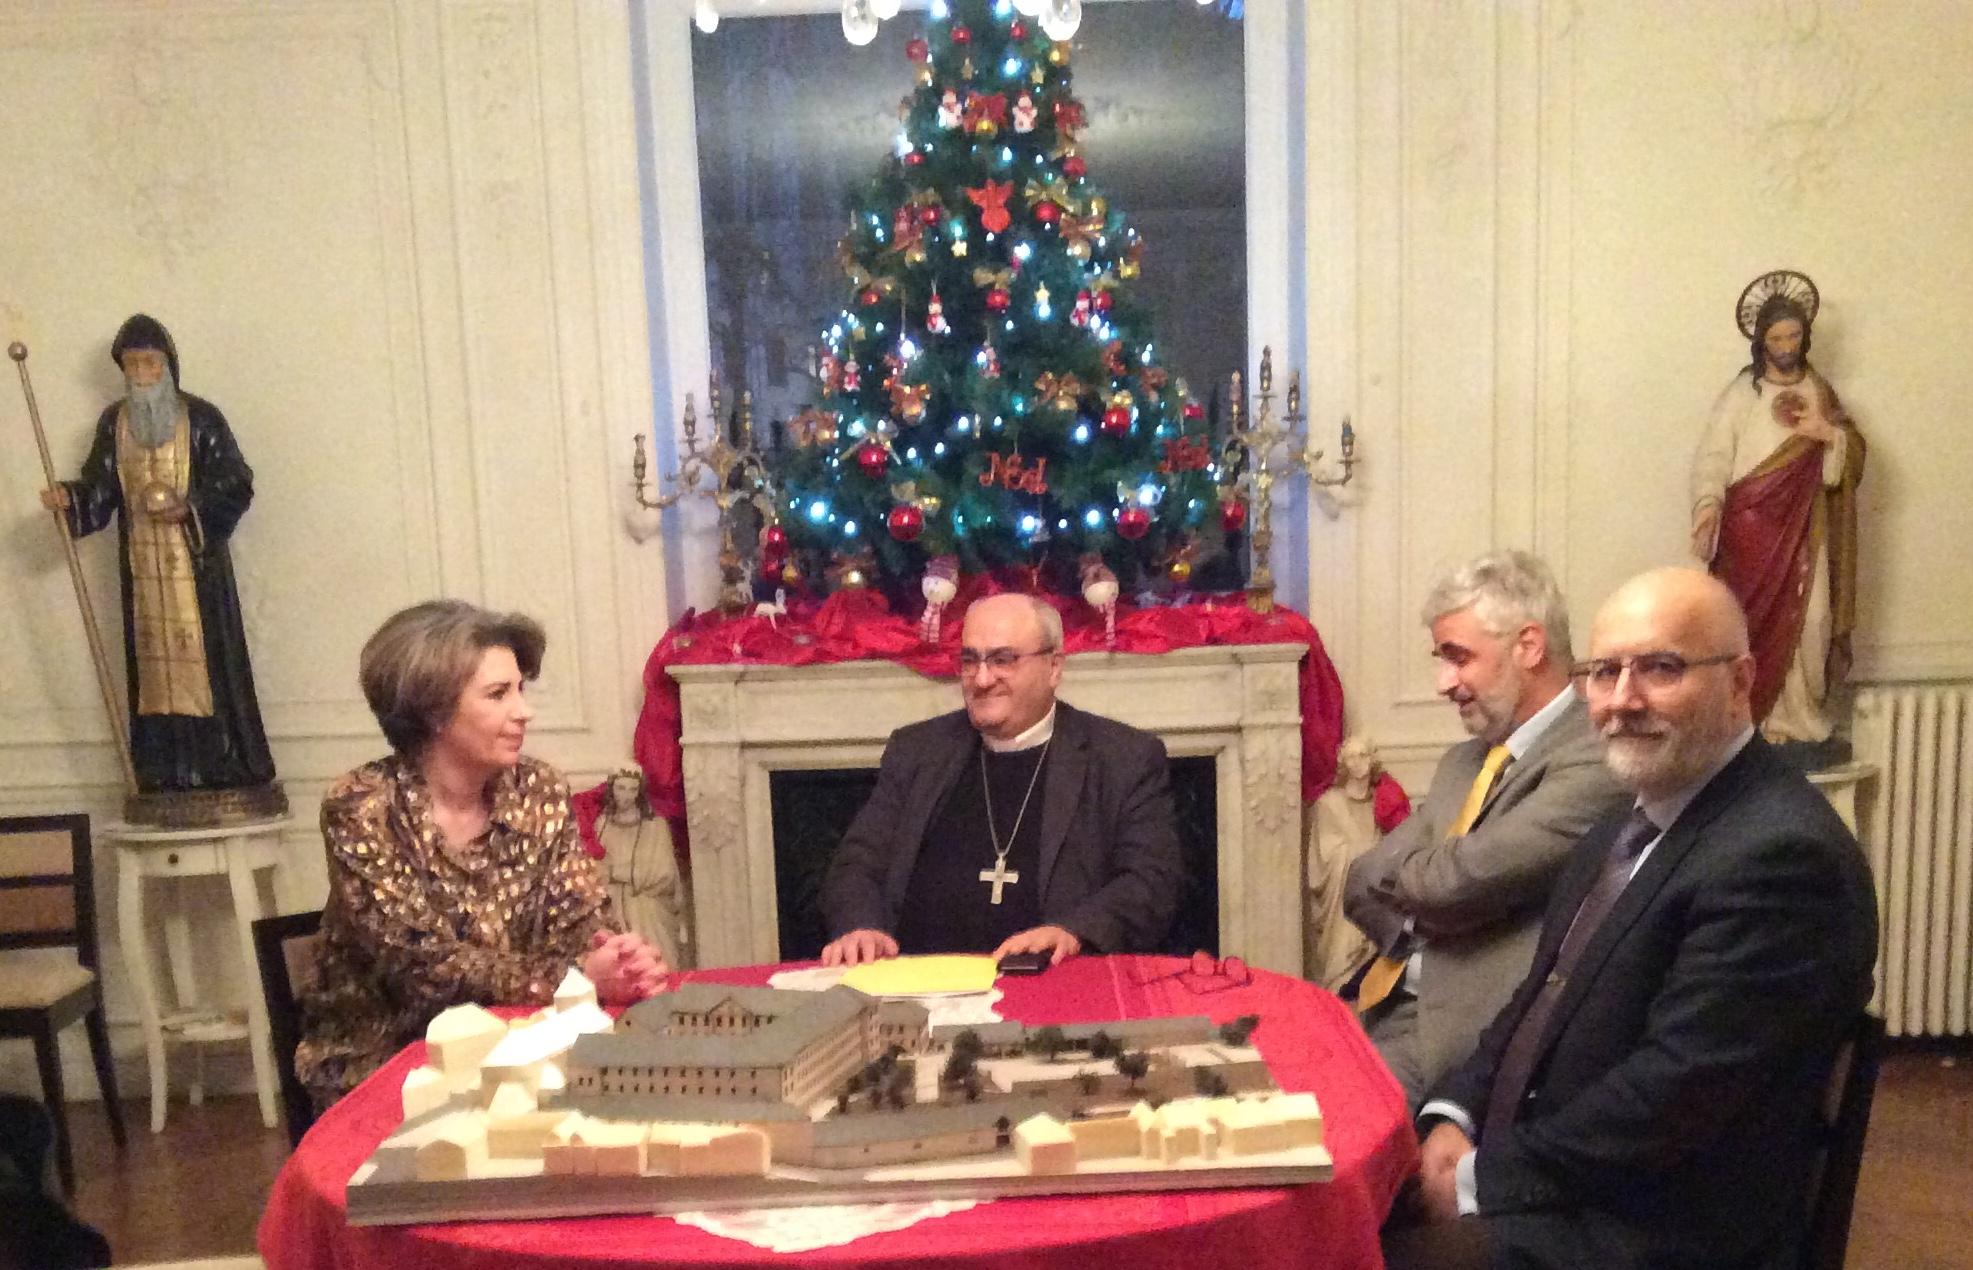 La signature d'une convention de partenariat pour la sauvegarde et la réhabilitation de l'ancienne Abbaye de St-Pé-de-Bigorre.